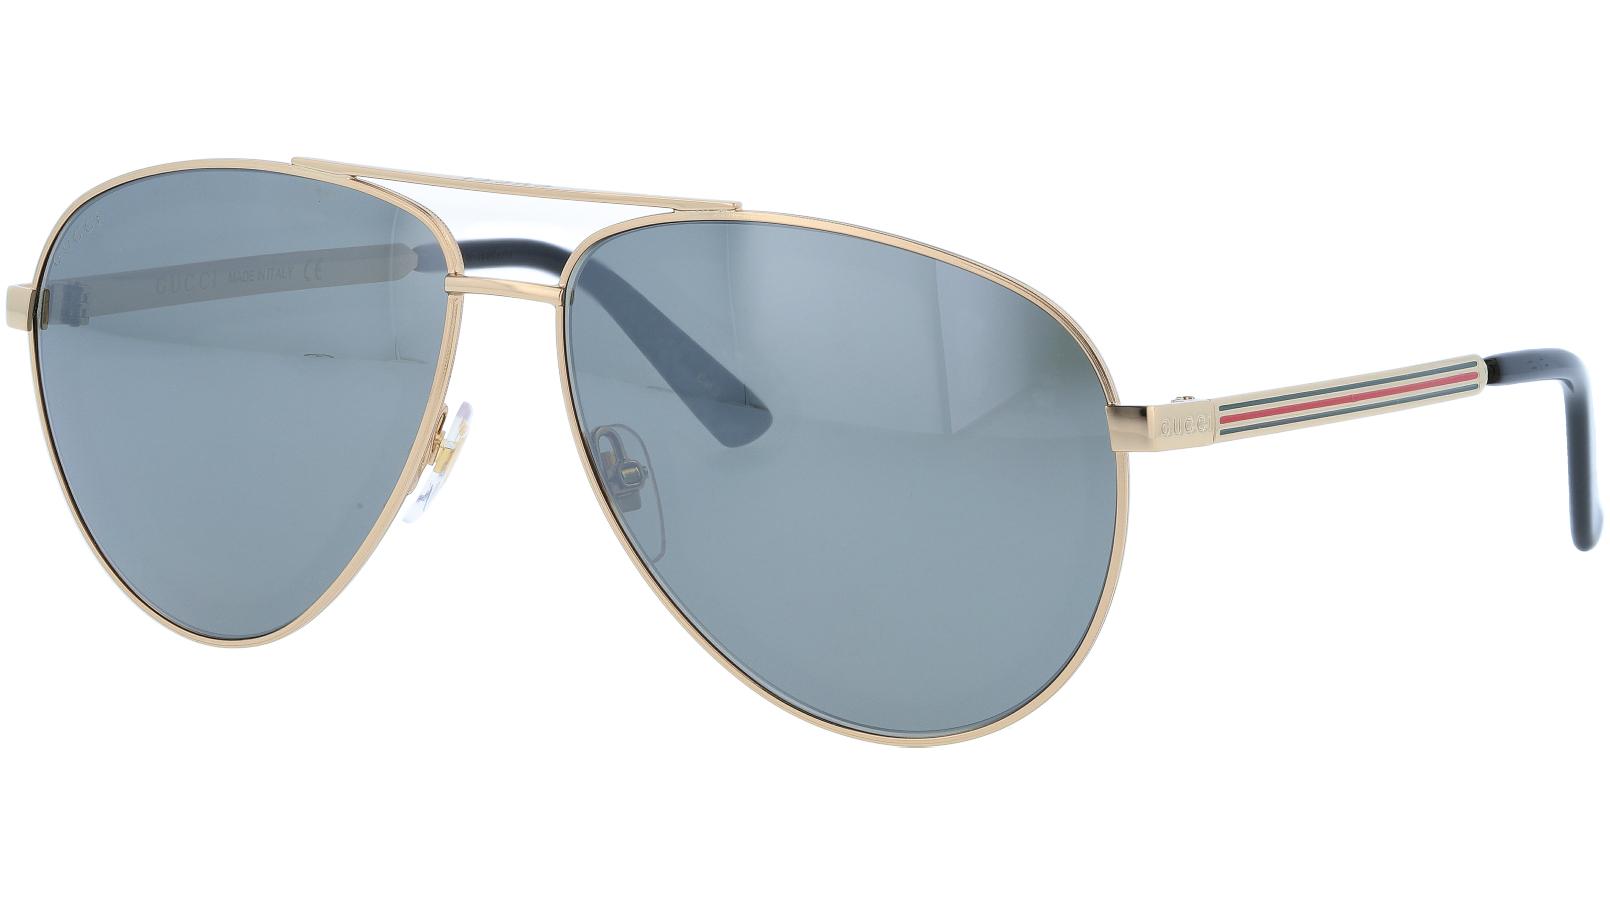 GUCCI GG0137S 003 61 RUTHENIUM Sunglasses